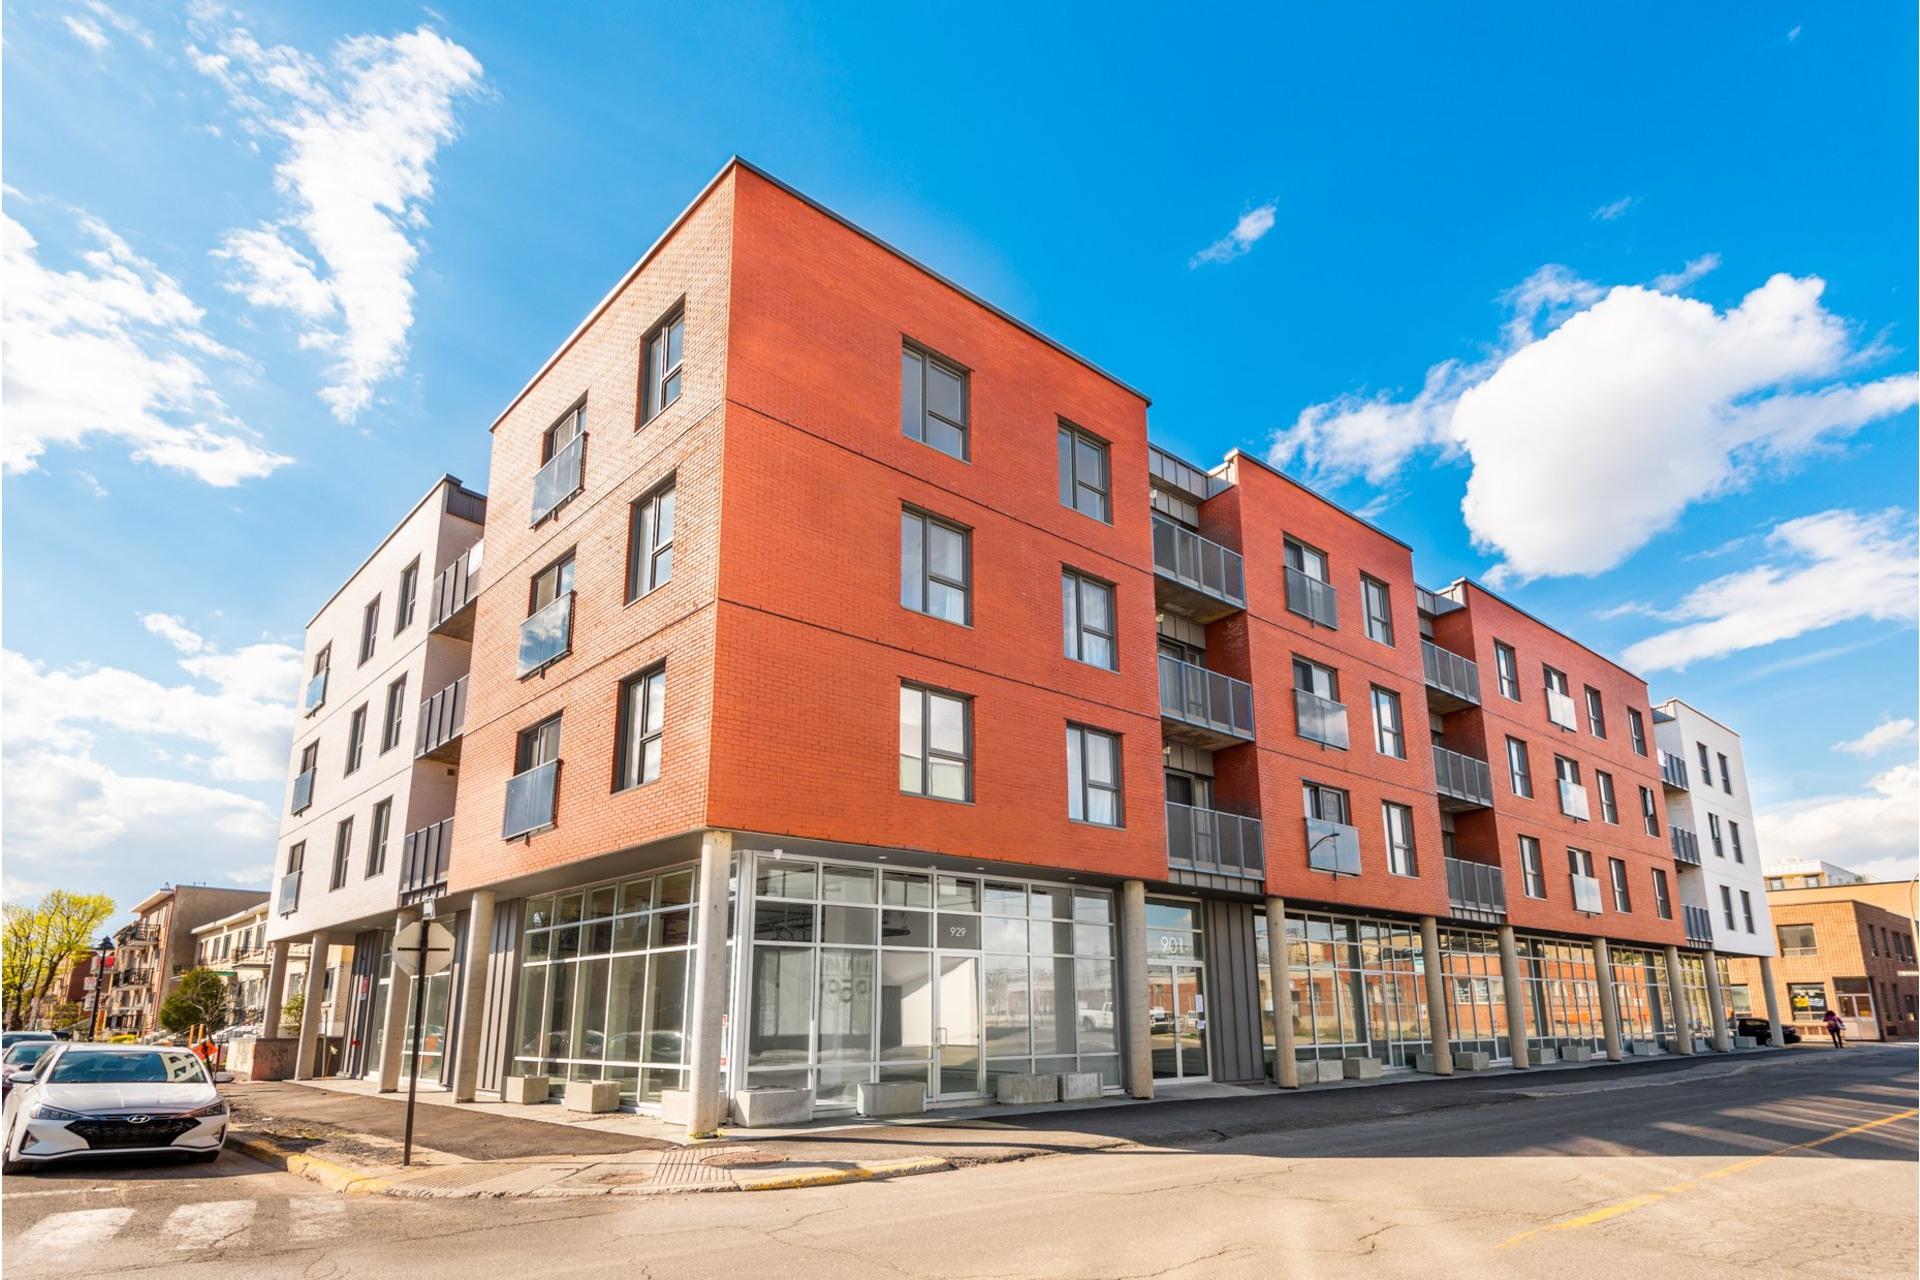 image 18 - Appartement À vendre Villeray/Saint-Michel/Parc-Extension Montréal  - 3 pièces